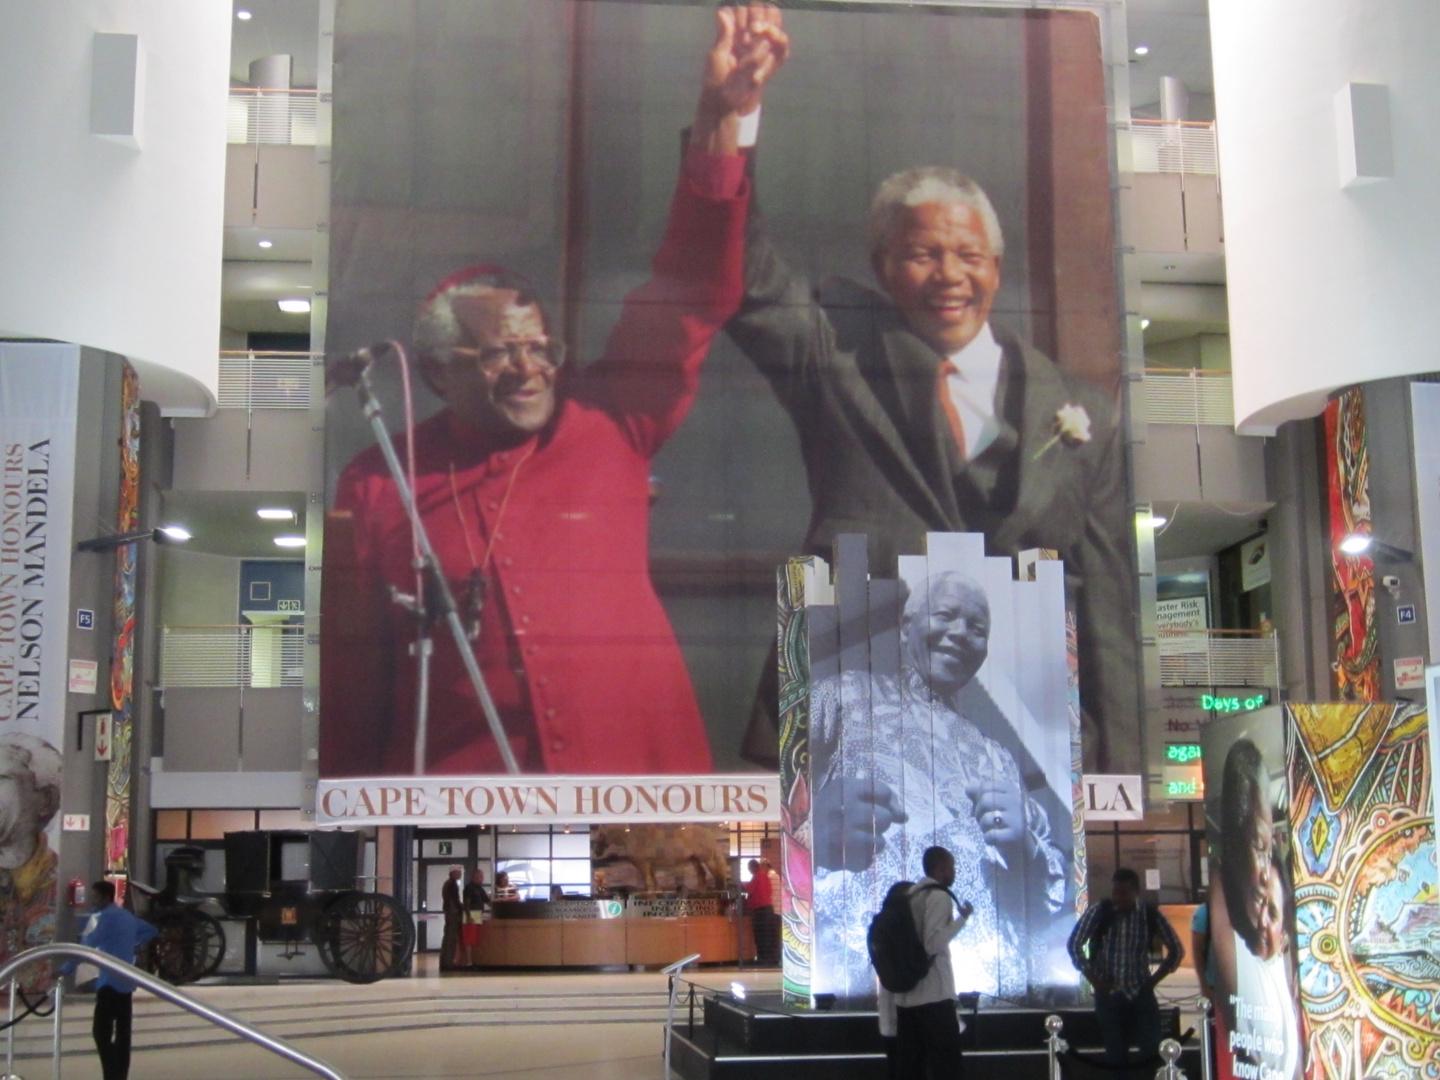 Cape Town honours Mandela